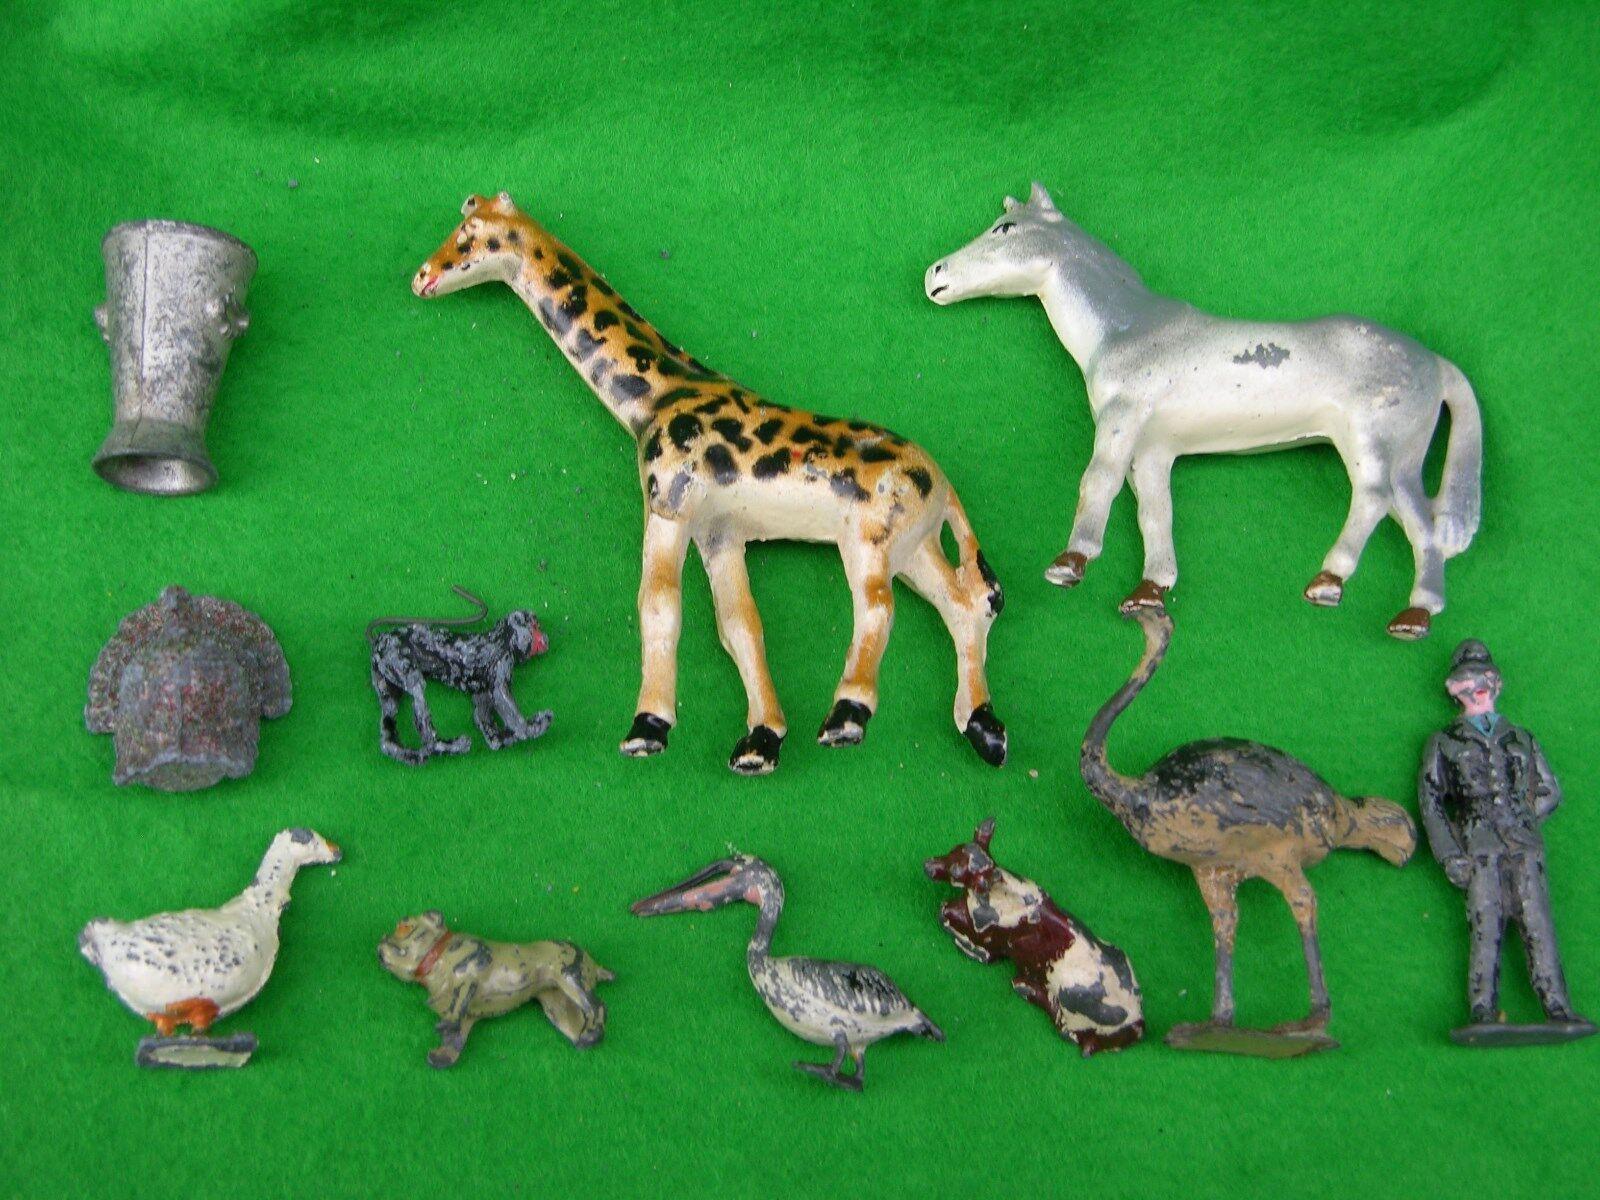 Kabel   Metall Bauernhof & Zoo Tiere & Artikel Sortiment